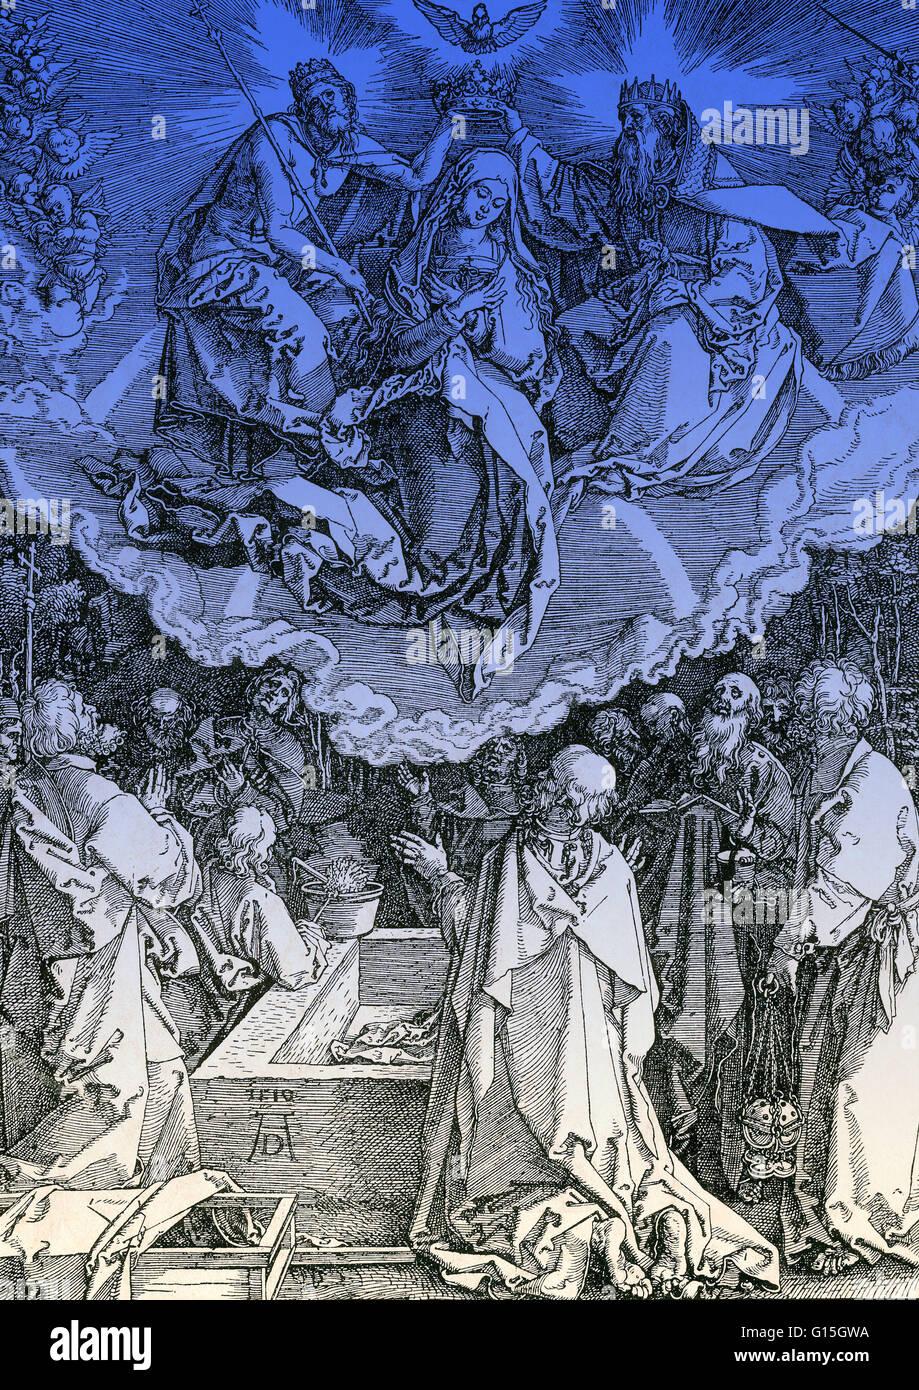 Según la tradición cristiana, la asunción de la Virgen María, es el caso en el cual el cuerpo Imagen De Stock